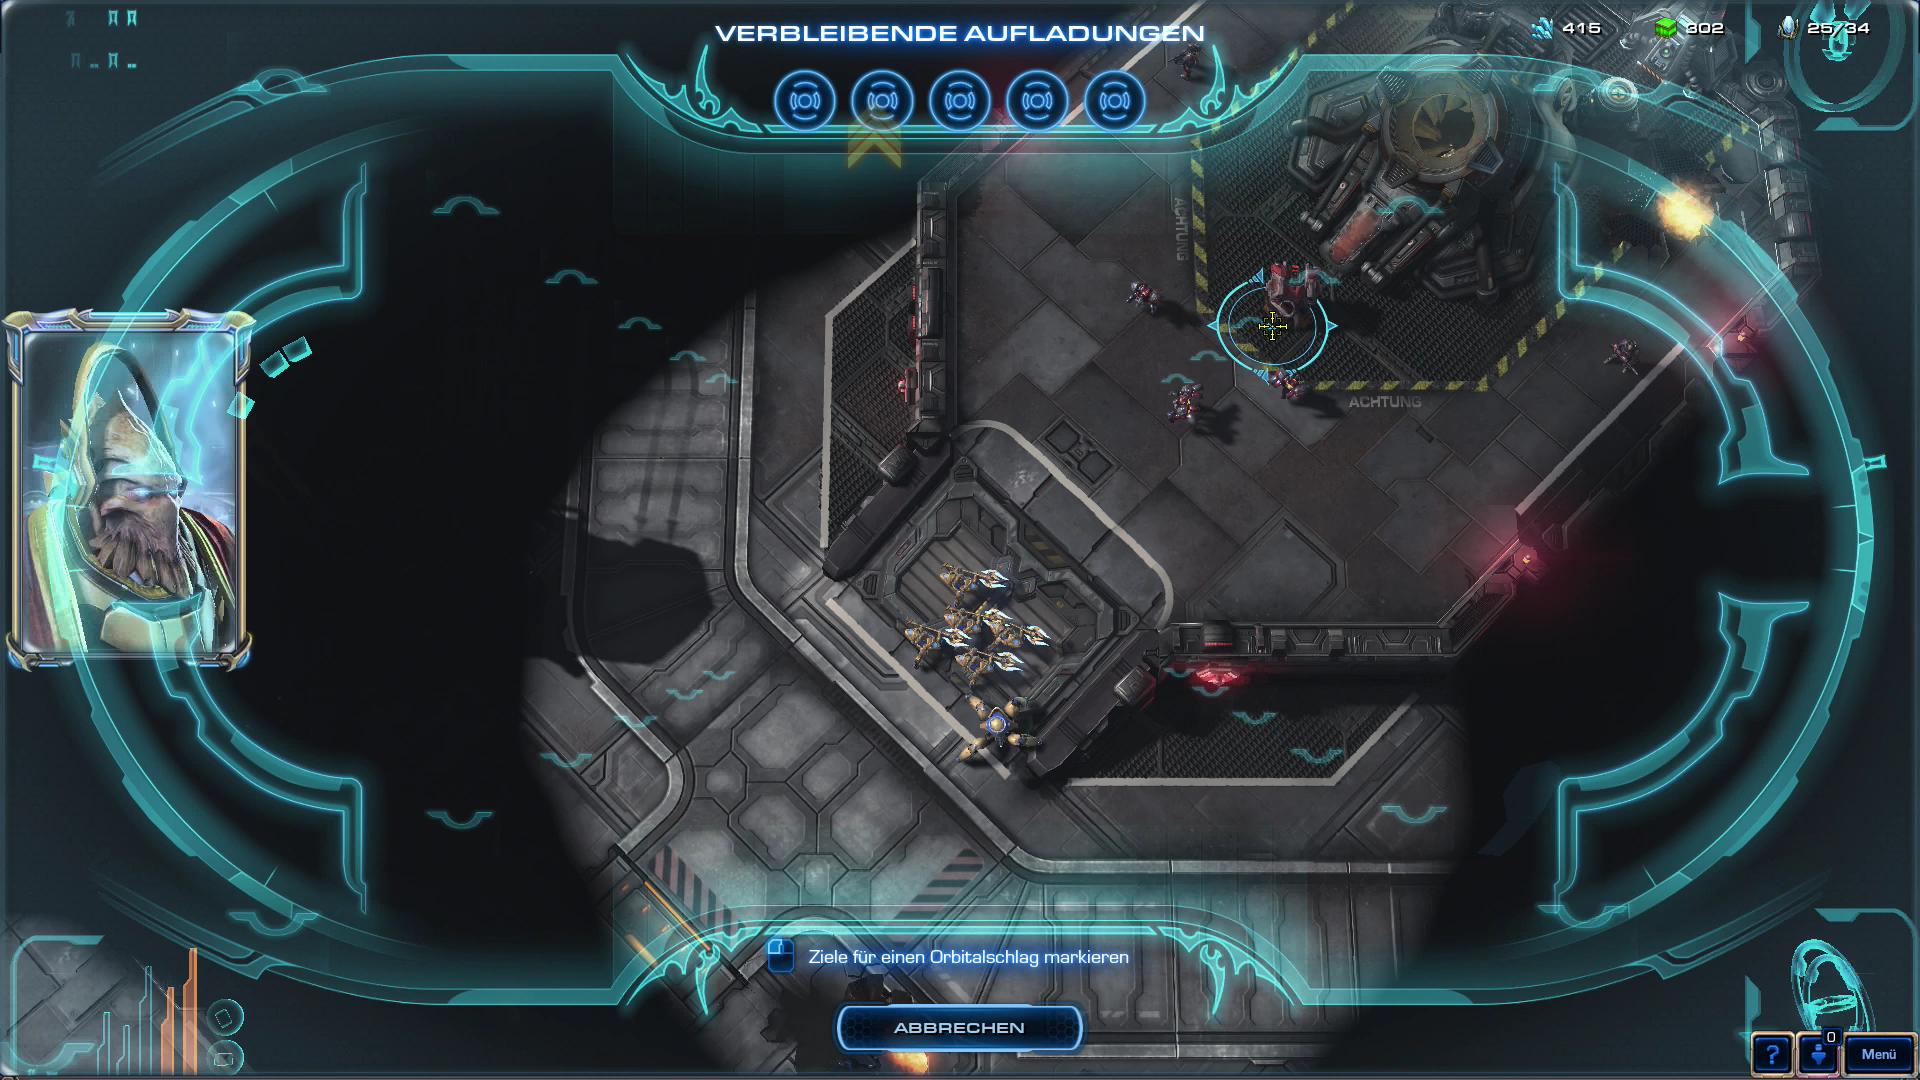 Starcraft 2 3.0 im Test: Grandioses Finale mit den Protoss - Mit einer Orbitalwaffe greift der Spieler seine Feinde an. (Screenshot: Golem.de)